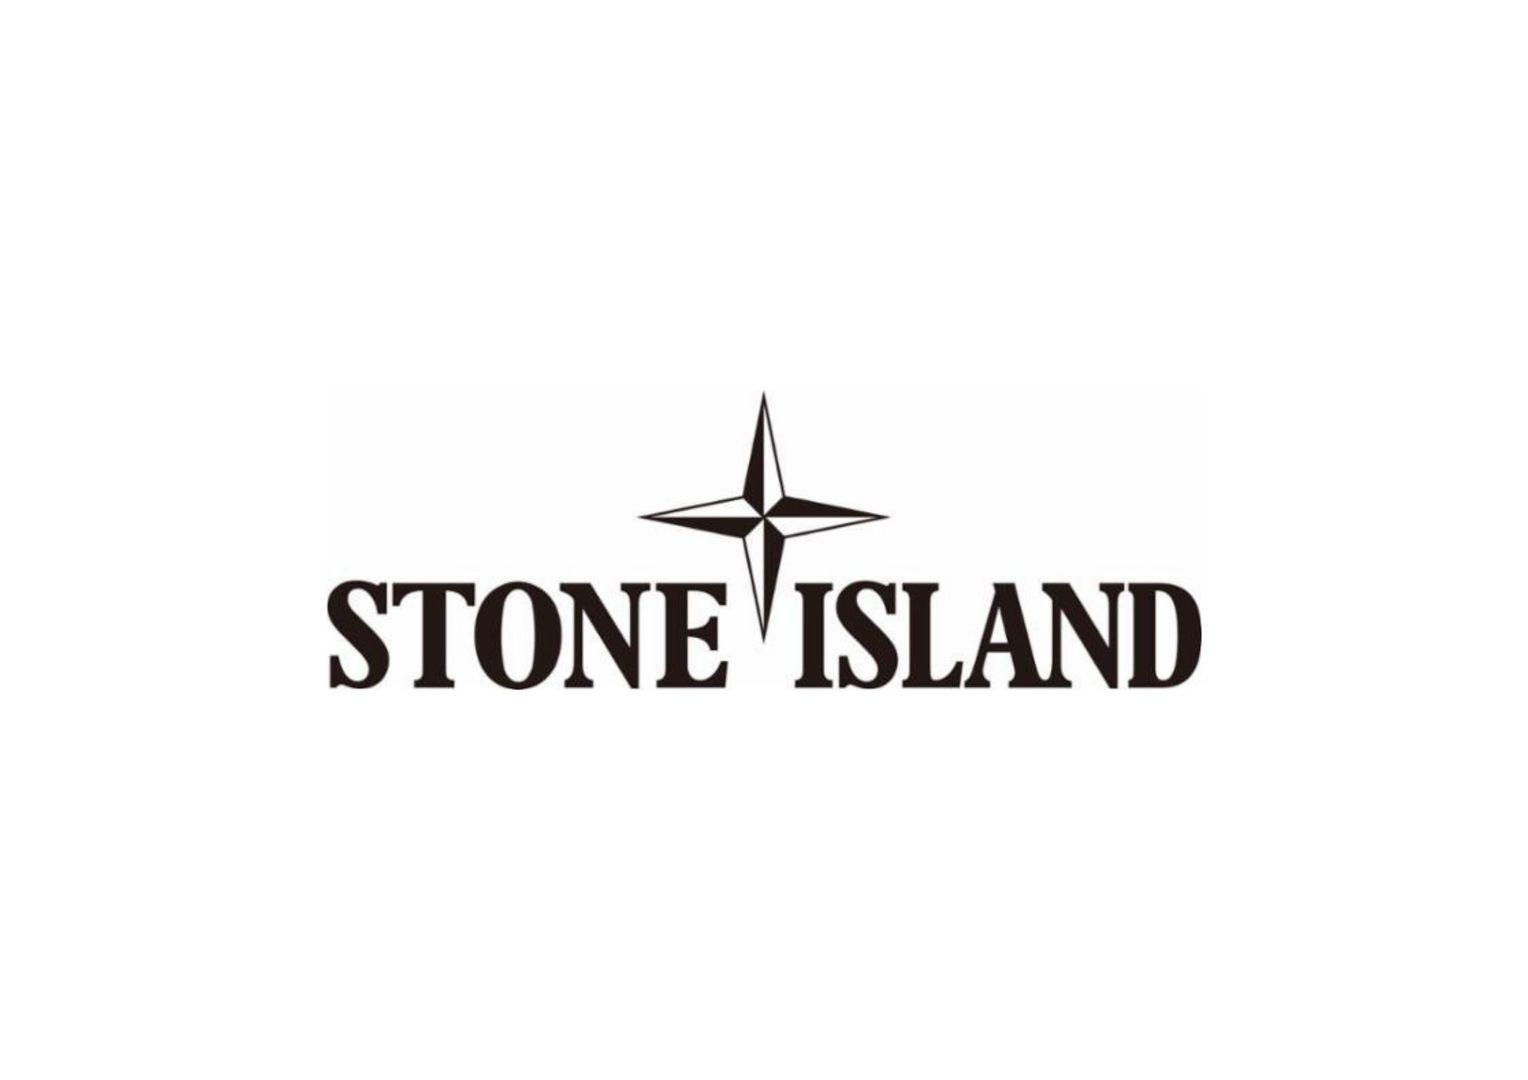 STONEISLAND 御殿場 アパレル販売スタッフ募集! / 211のカバー写真